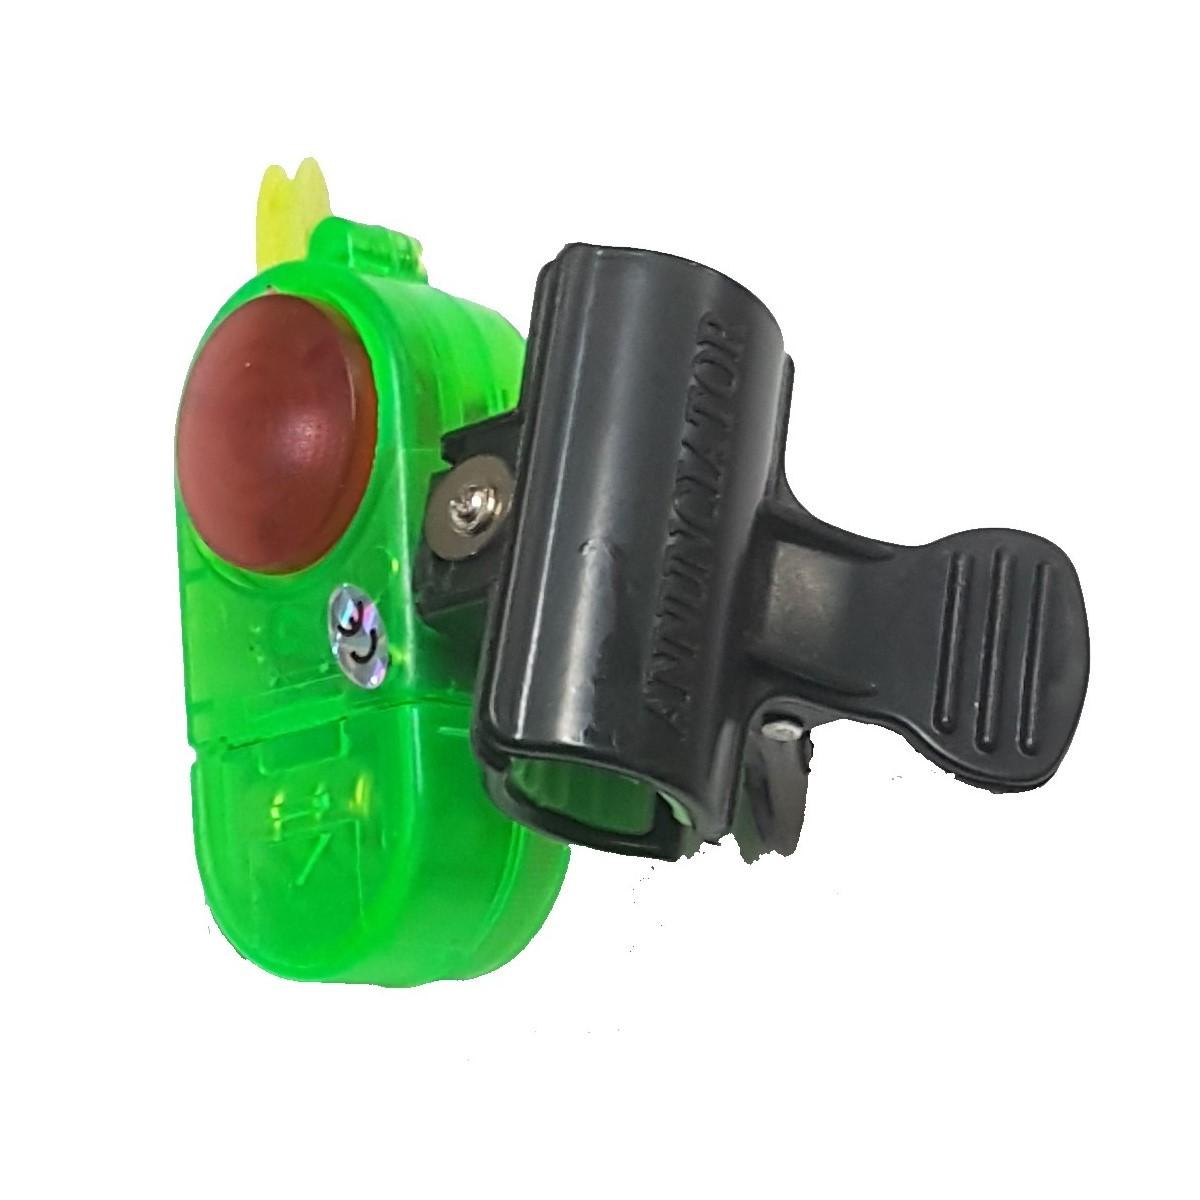 Сигнализатор за въдица-щипка MHB-04X